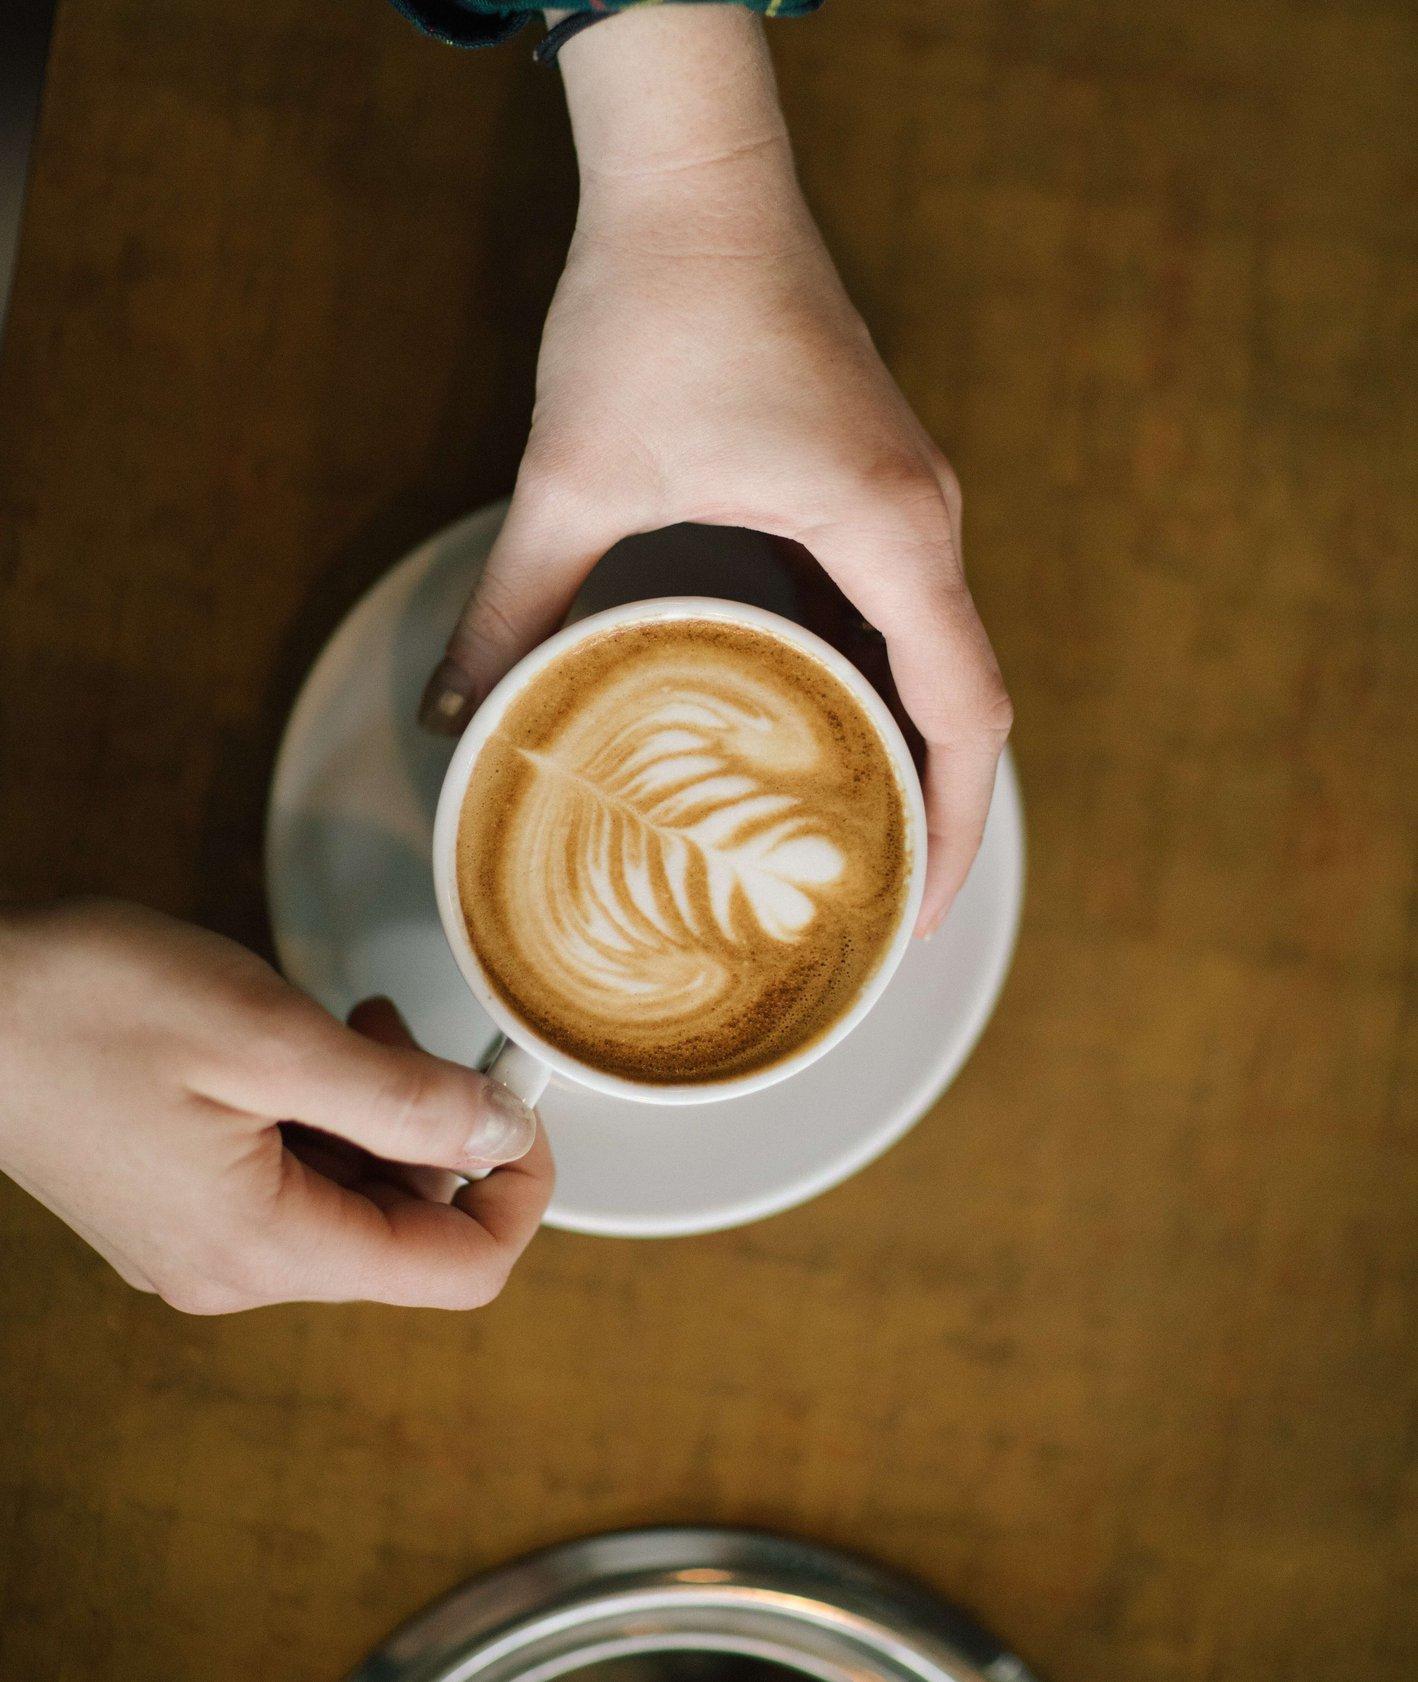 Kawa to podstawa – jak zrobić idealną kawę w domu? (fot. David Lundgren / unsplash.com)